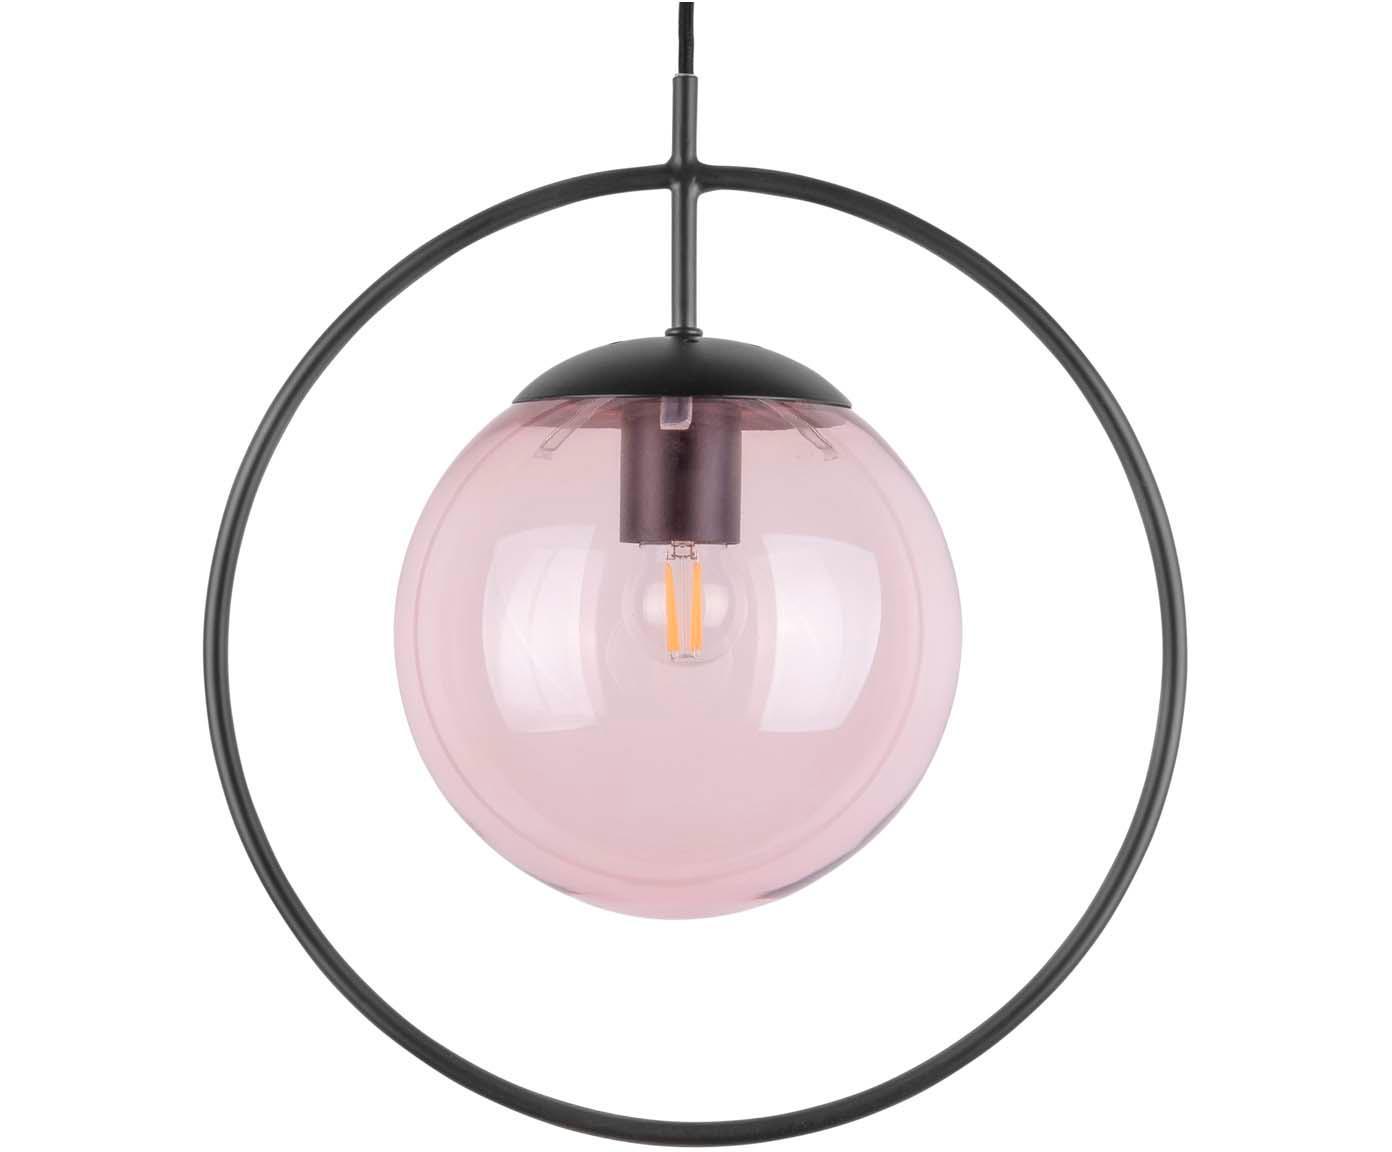 Pendelleuchte Round mit gefärbtem Glasschirm, Lampenschirm: Glas, Schwarz, Rosa, 35 x 30 cm